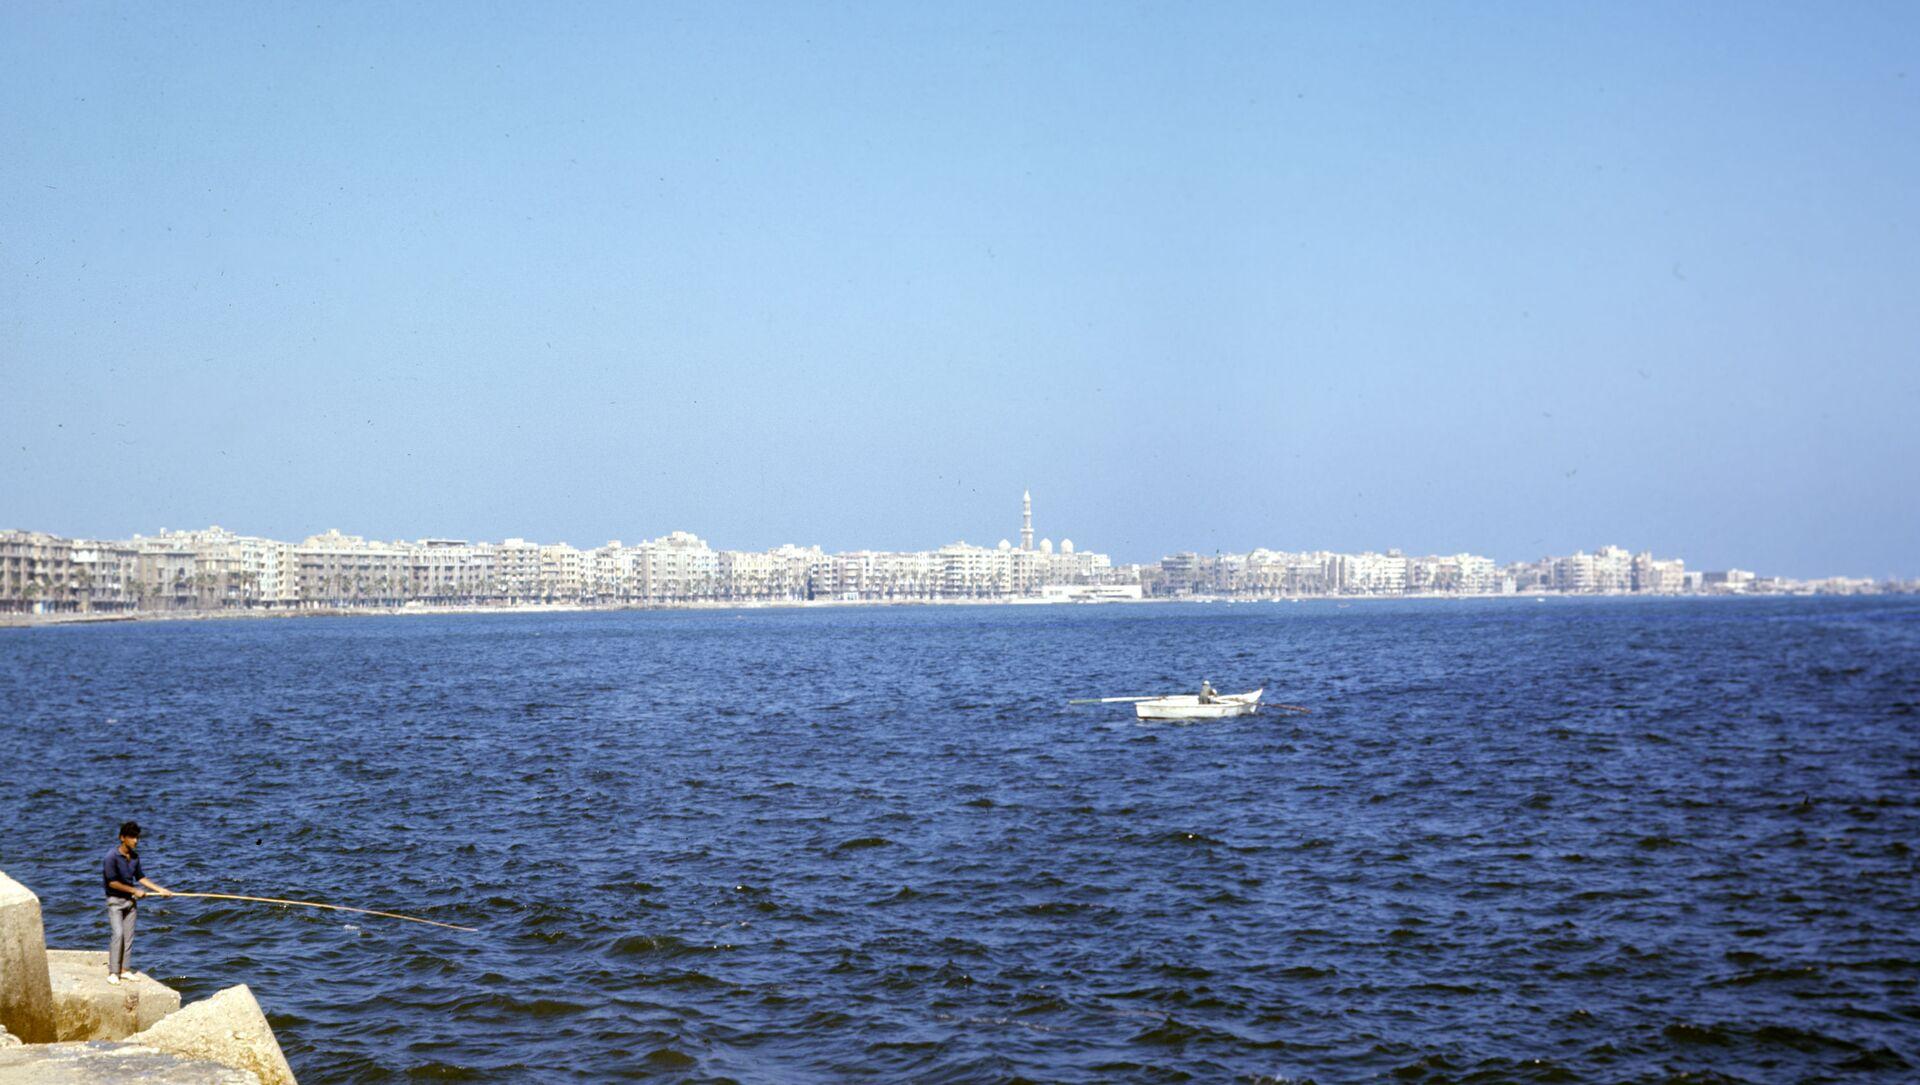 Город Александрия - главный морской порт Арабской Республики Египет. Расположен на Средиземном море, в западной части дельты Нила. - Sputnik Беларусь, 1920, 22.02.2021